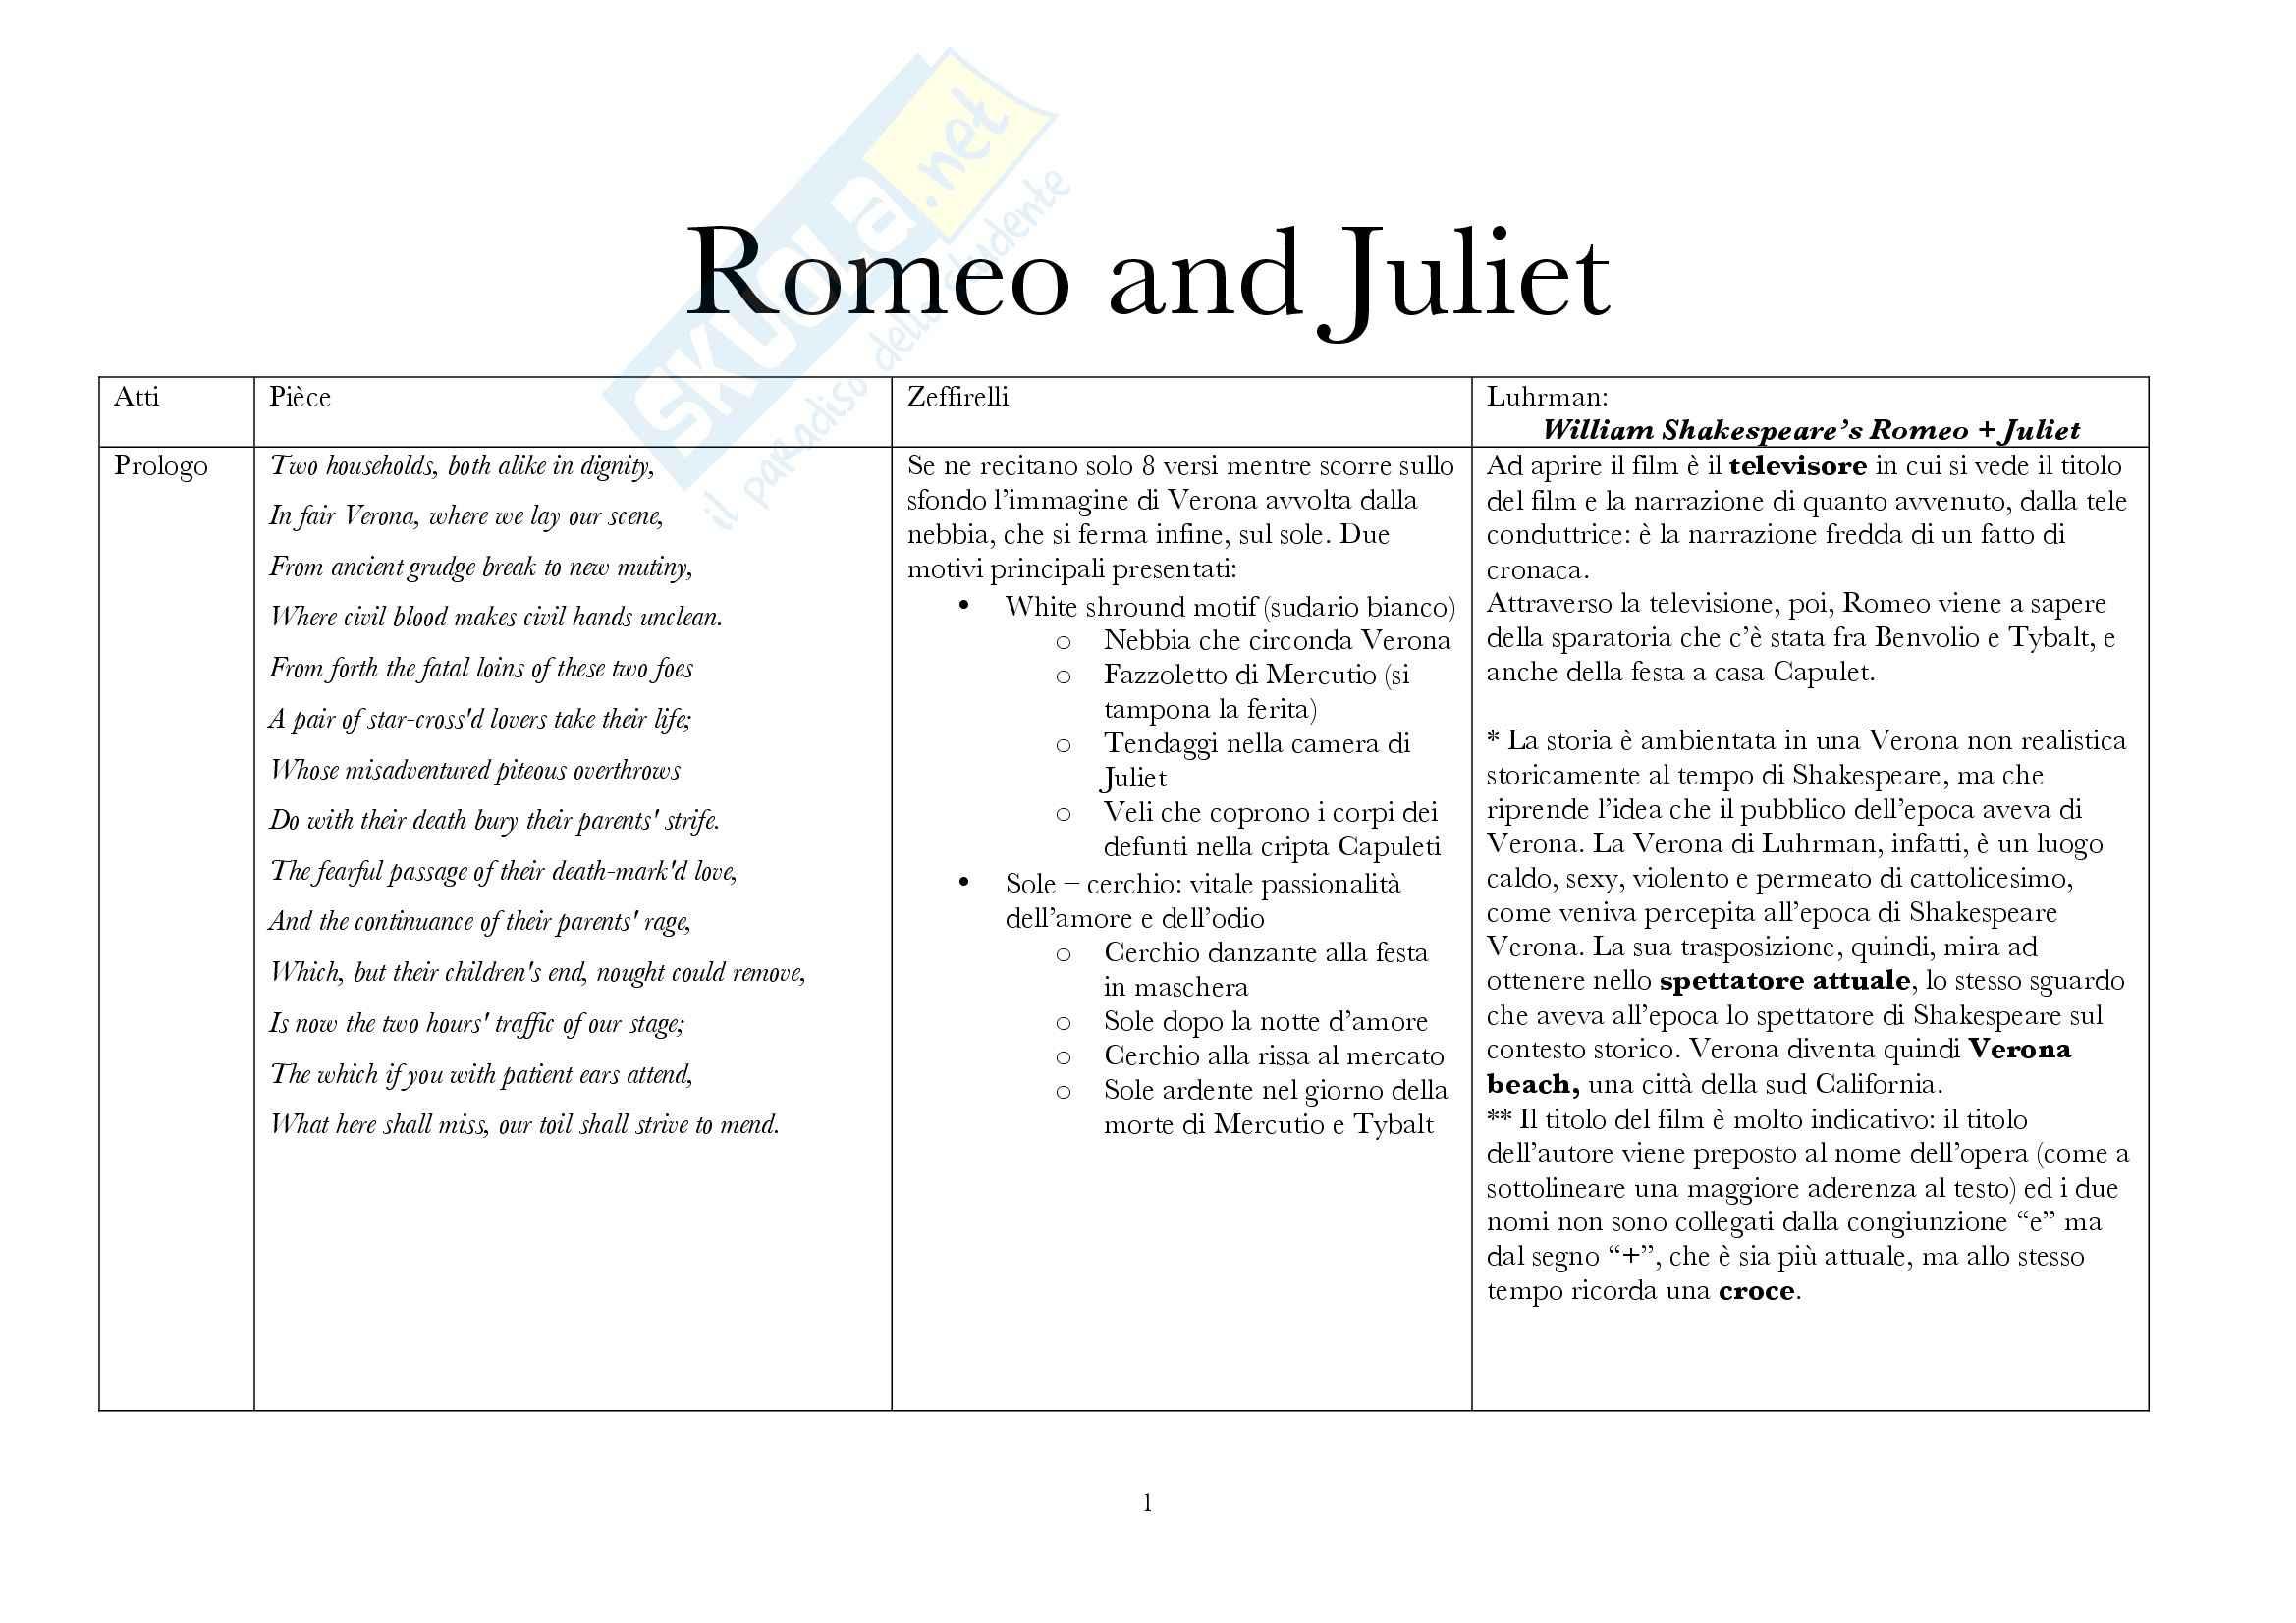 Lingua e letteratura inglese - Studio Romeo and Juliet